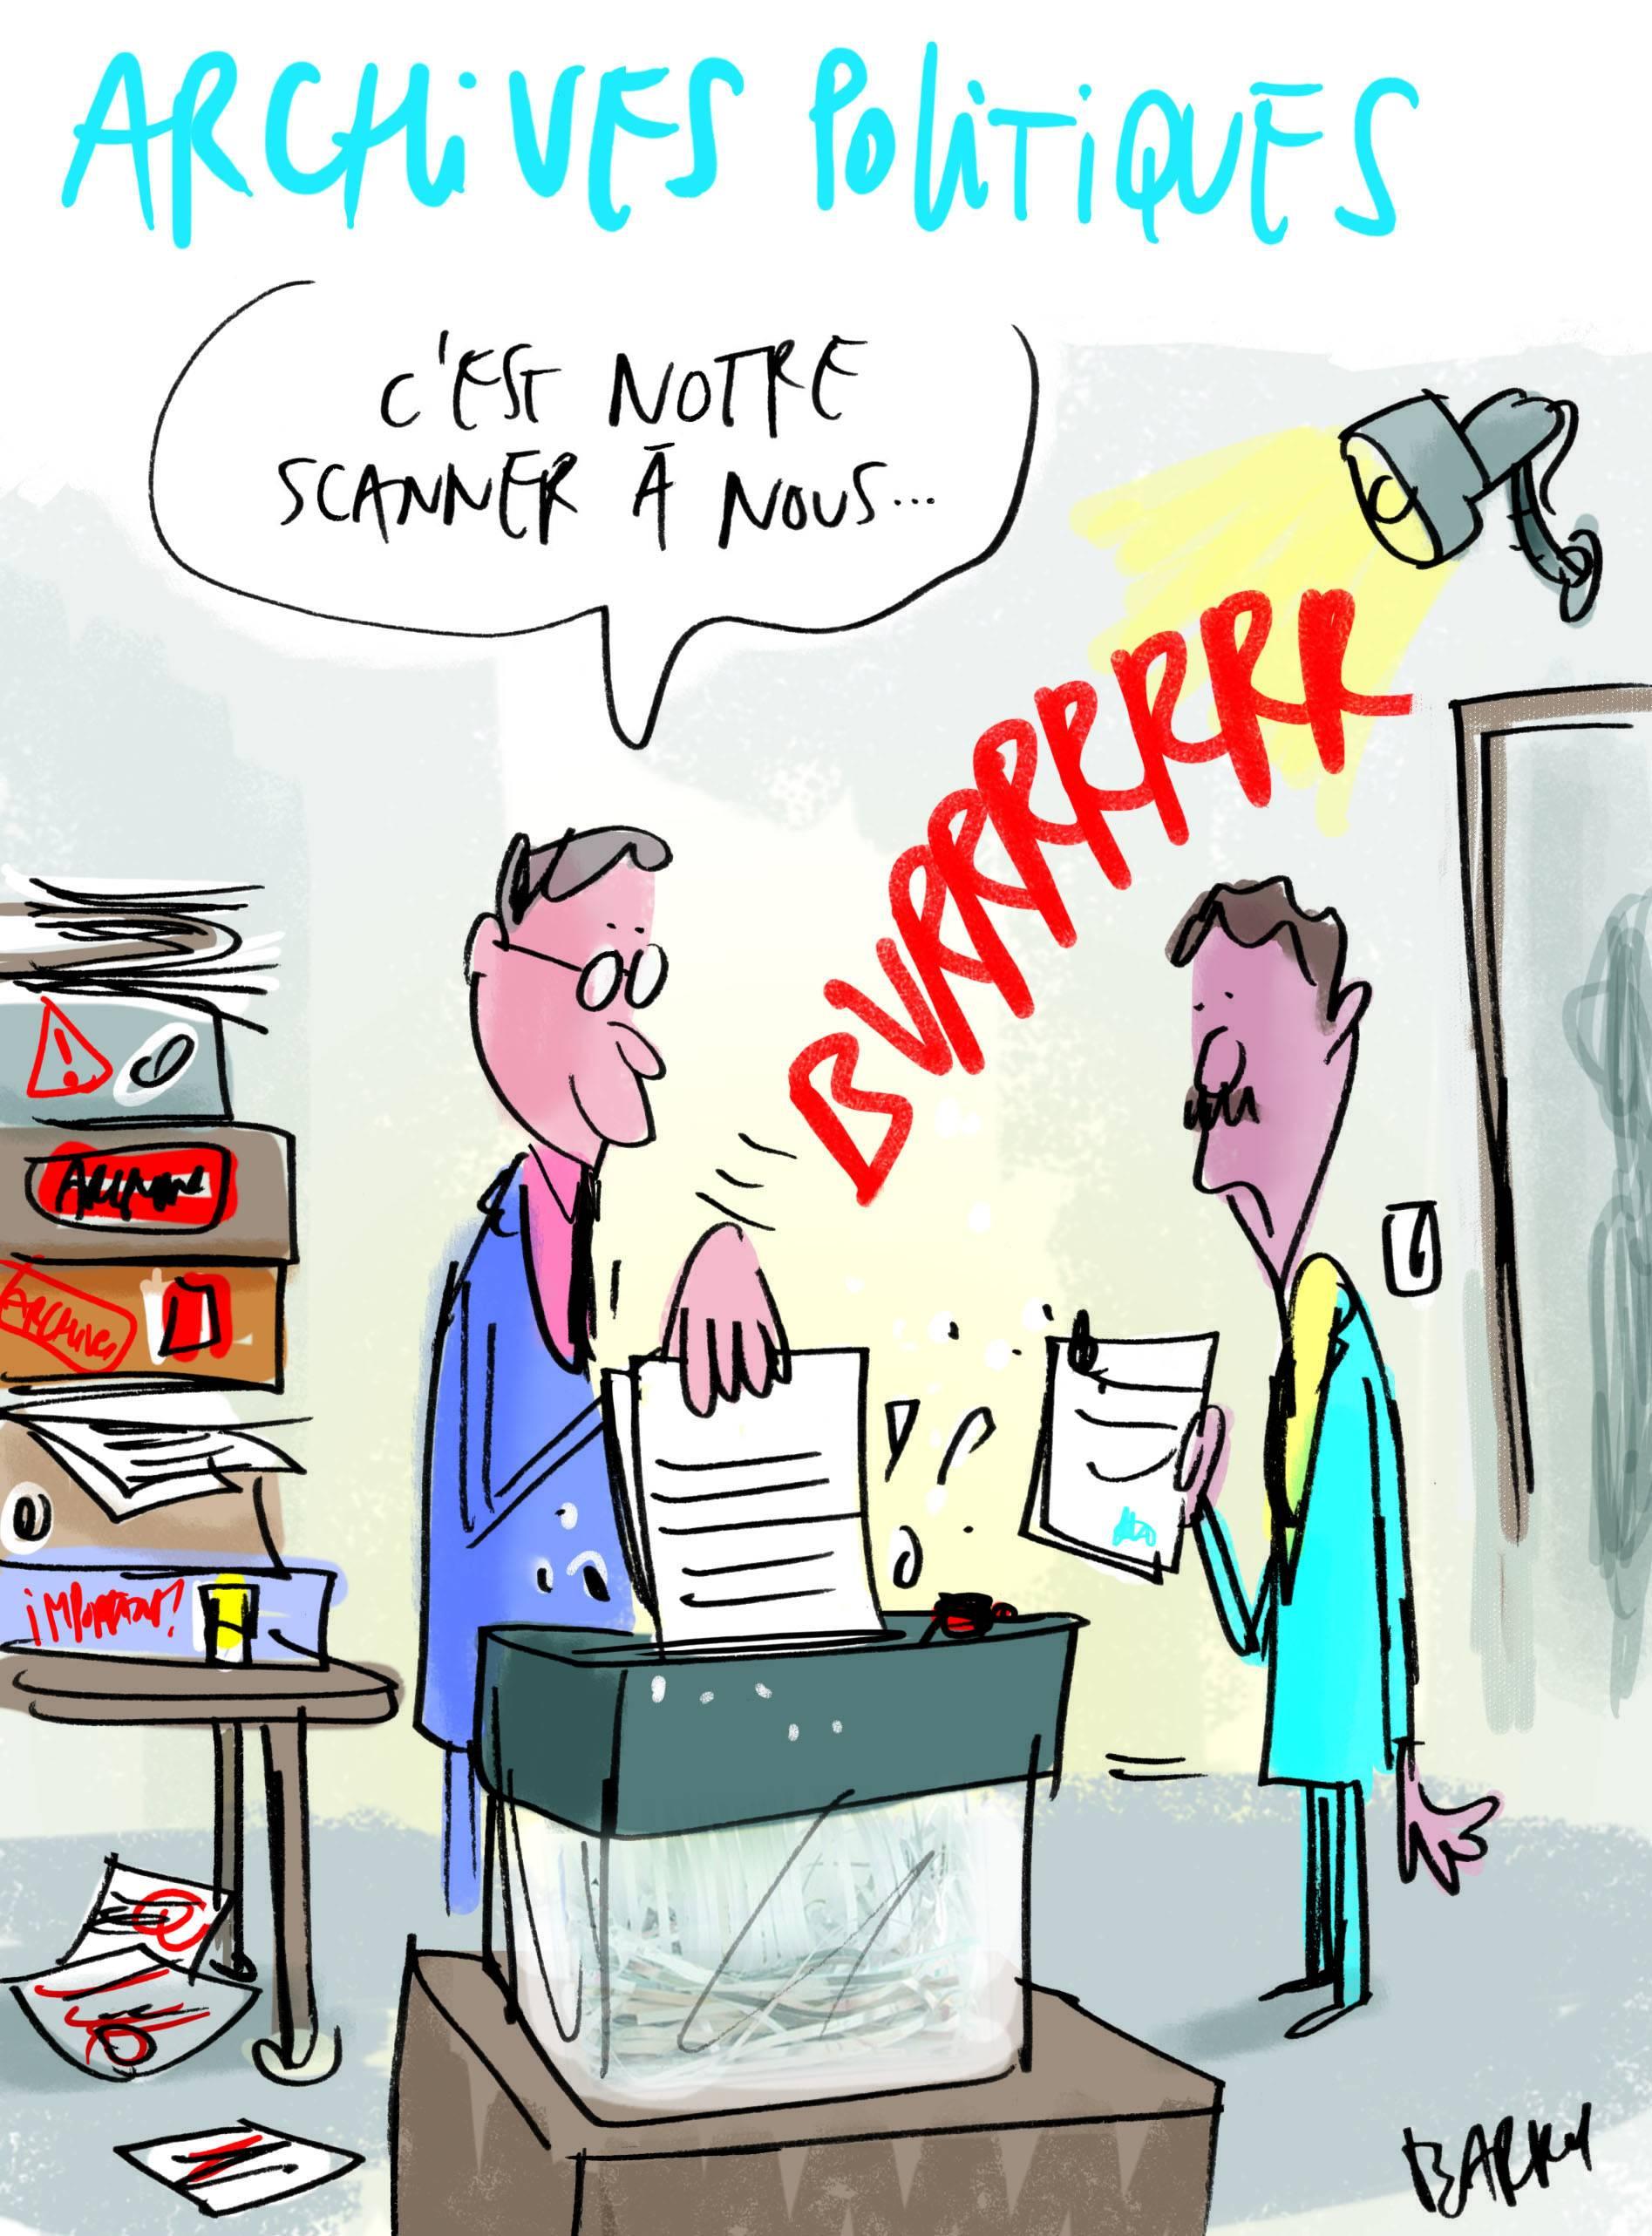 Les archives politiques vues par notre dessinateur Barros